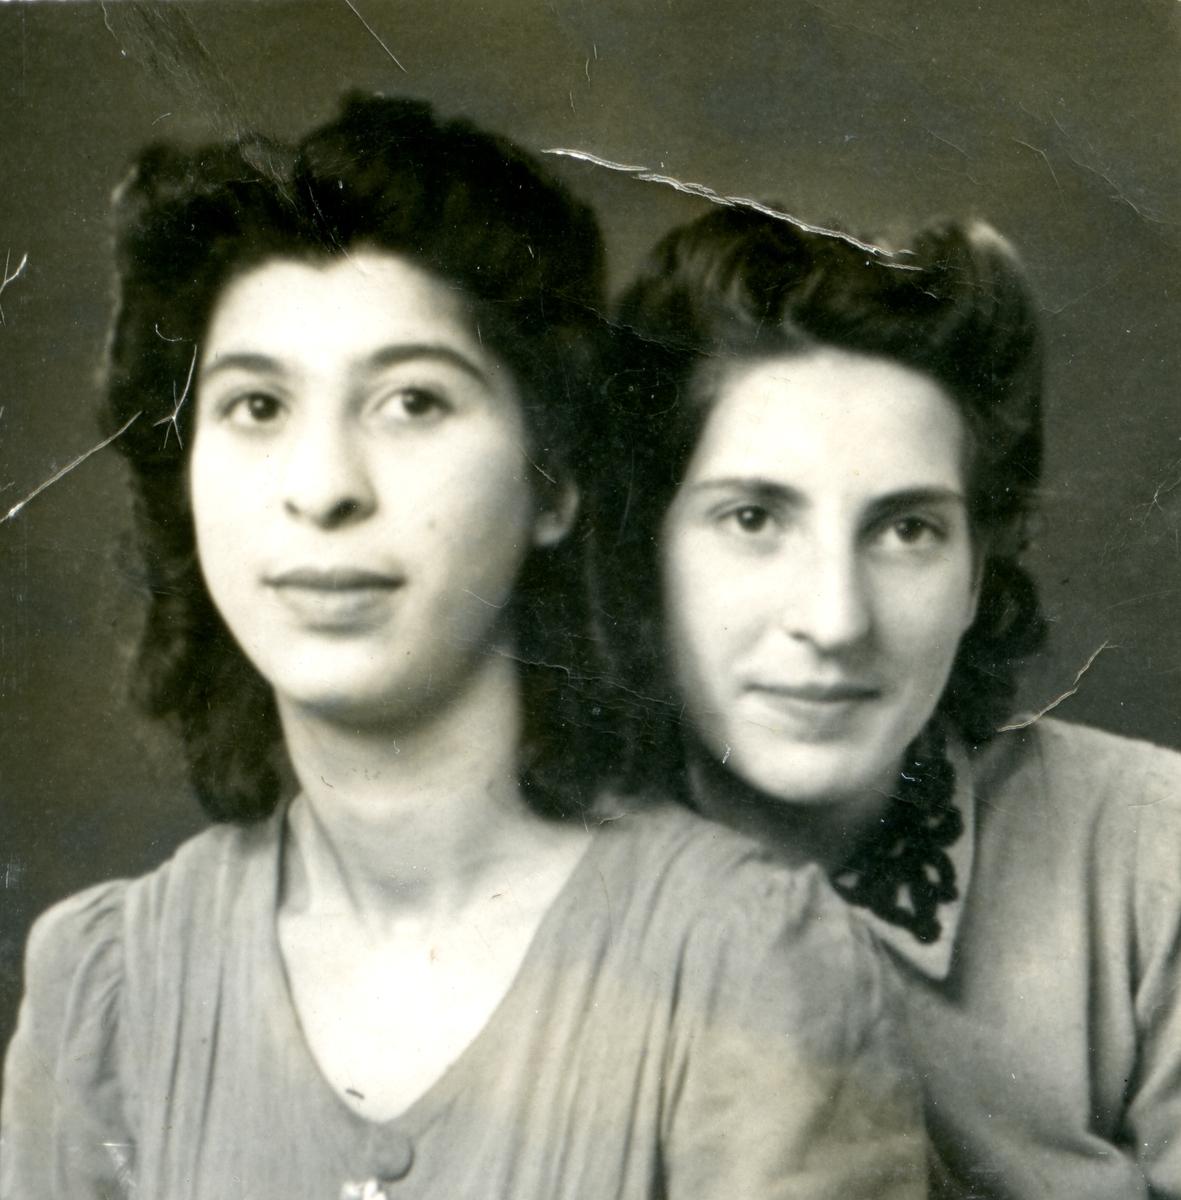 Två unga kvinnor ser in i kameran. Bildens ursprung är okänt.